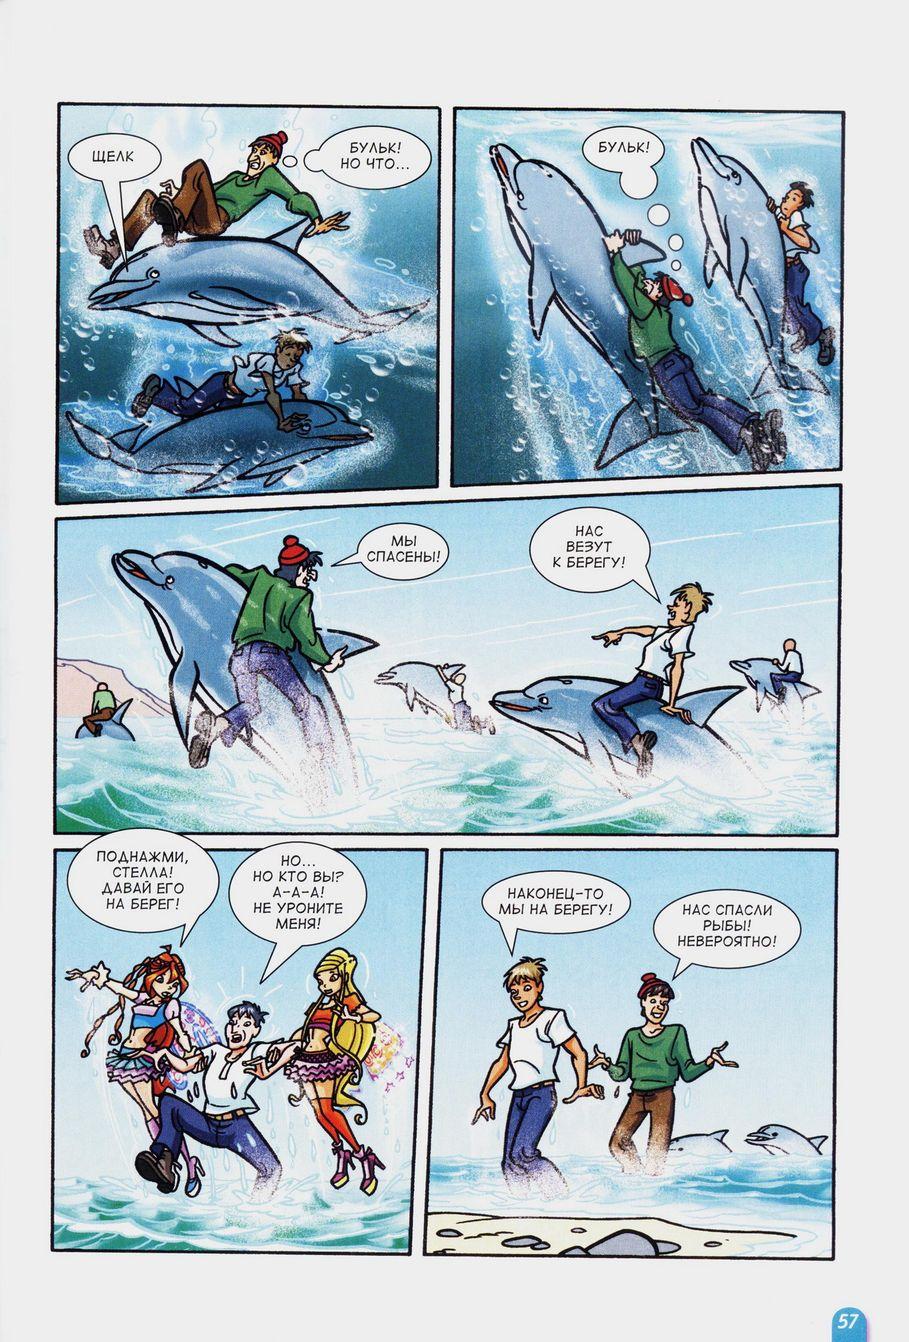 Комикс Винкс Winx - Месть моря (Журнал Винкс №4 2011) - стр. 57